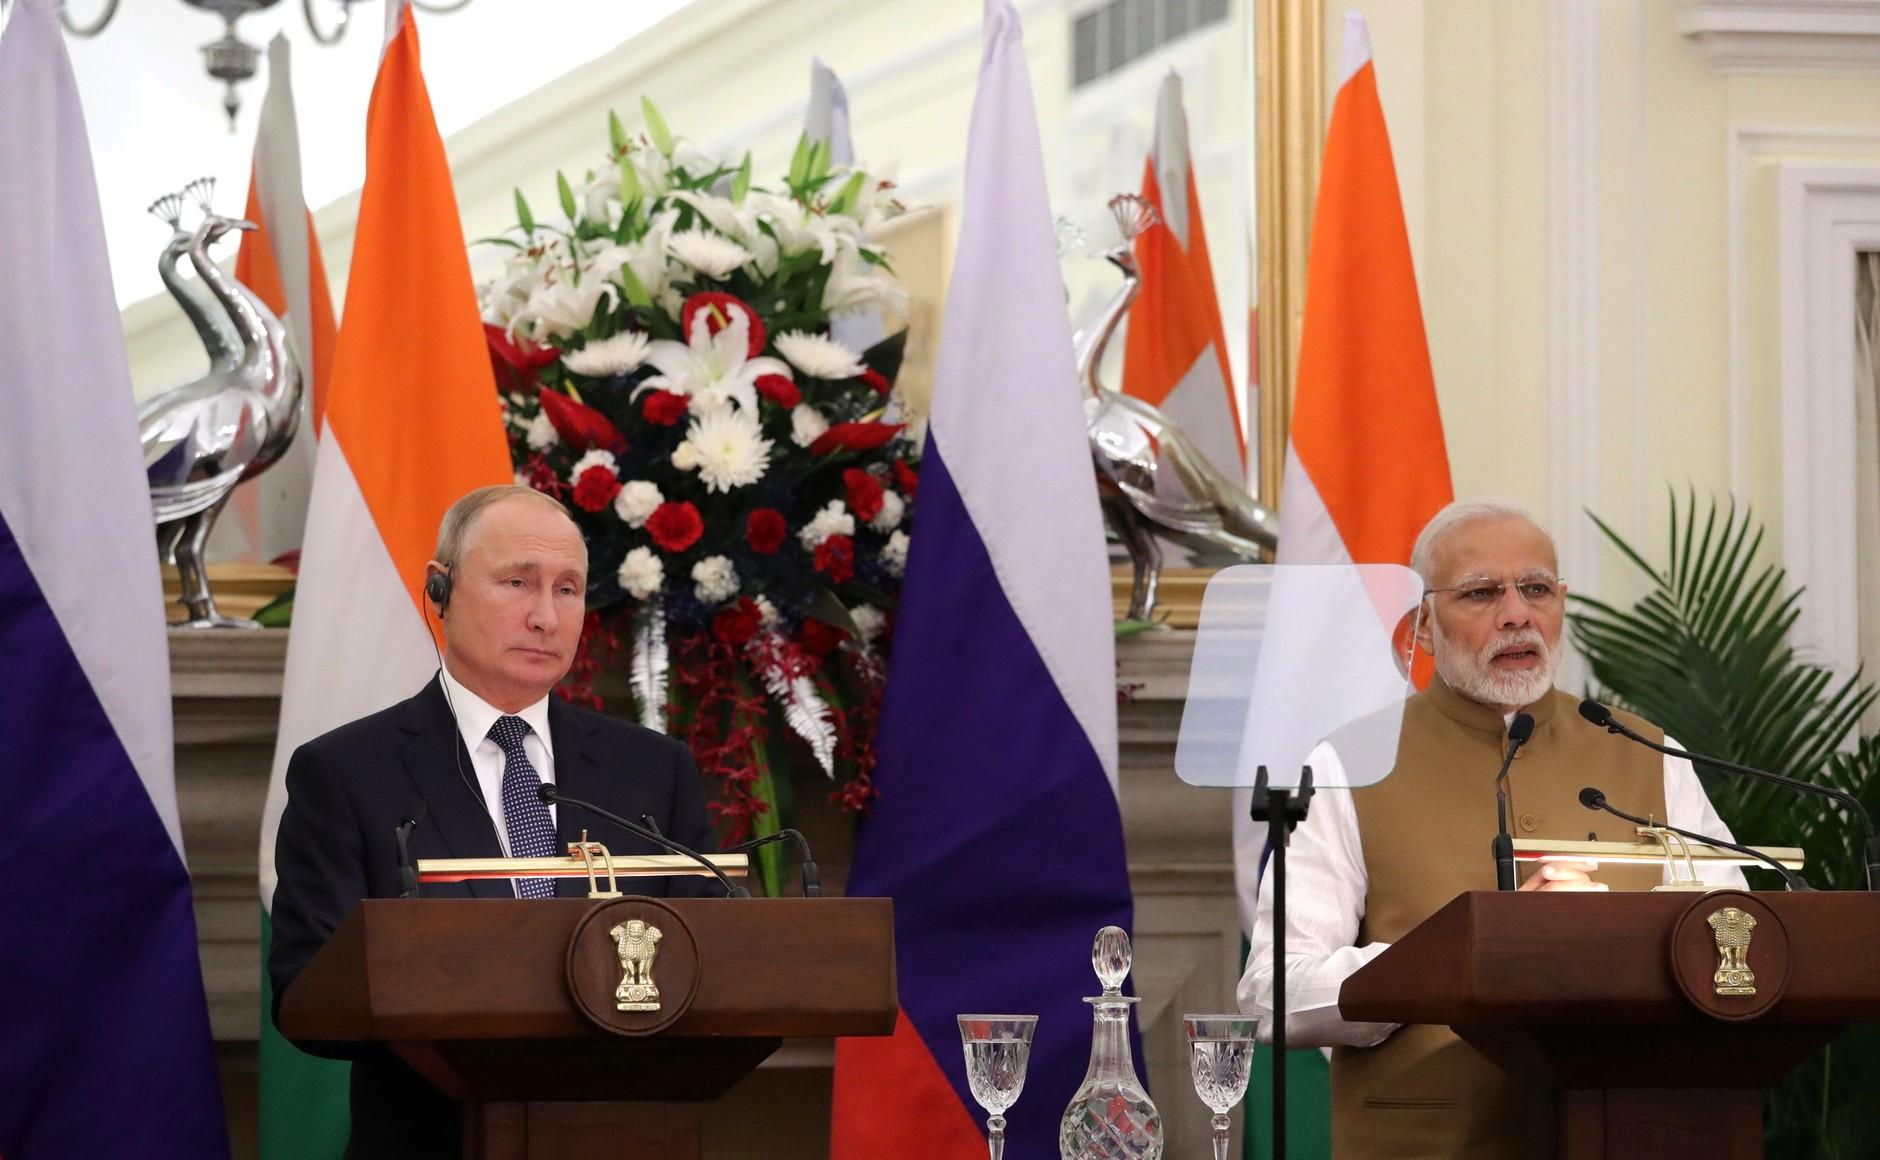 Подписан контракт на поставку зенитной ракетной системы С-400 в Индию